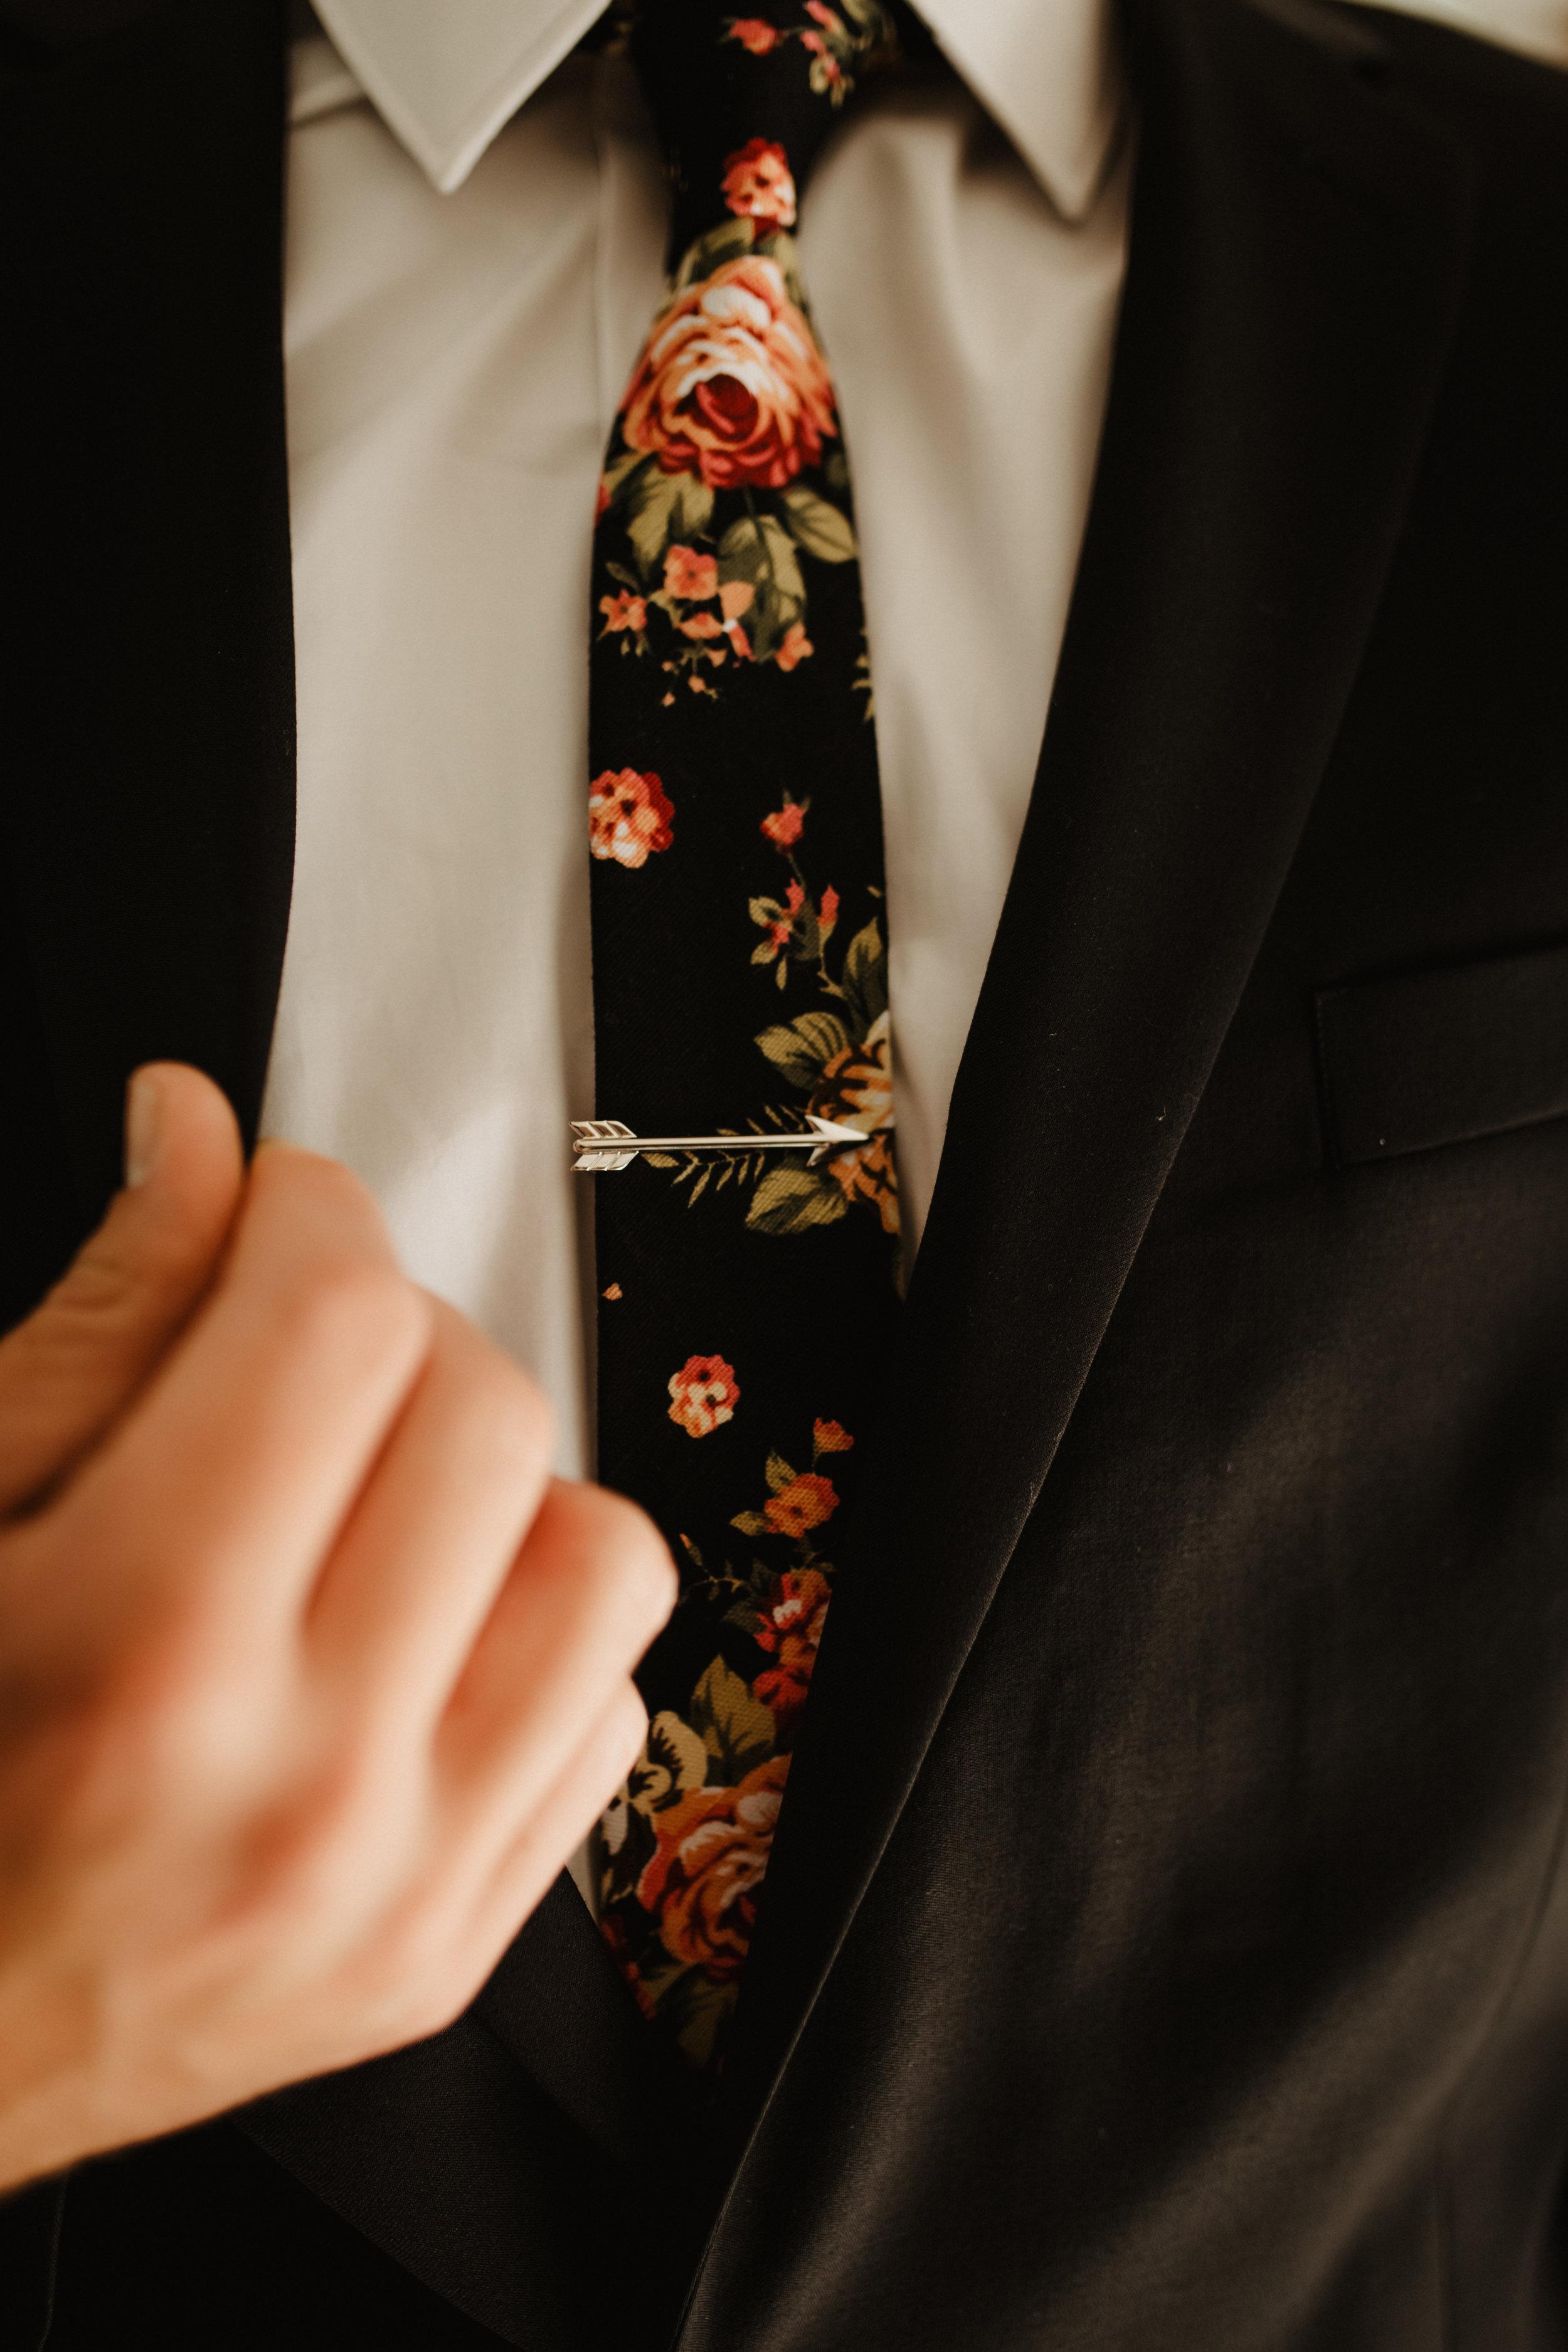 Groom-Wedding-Suit-Tie-01